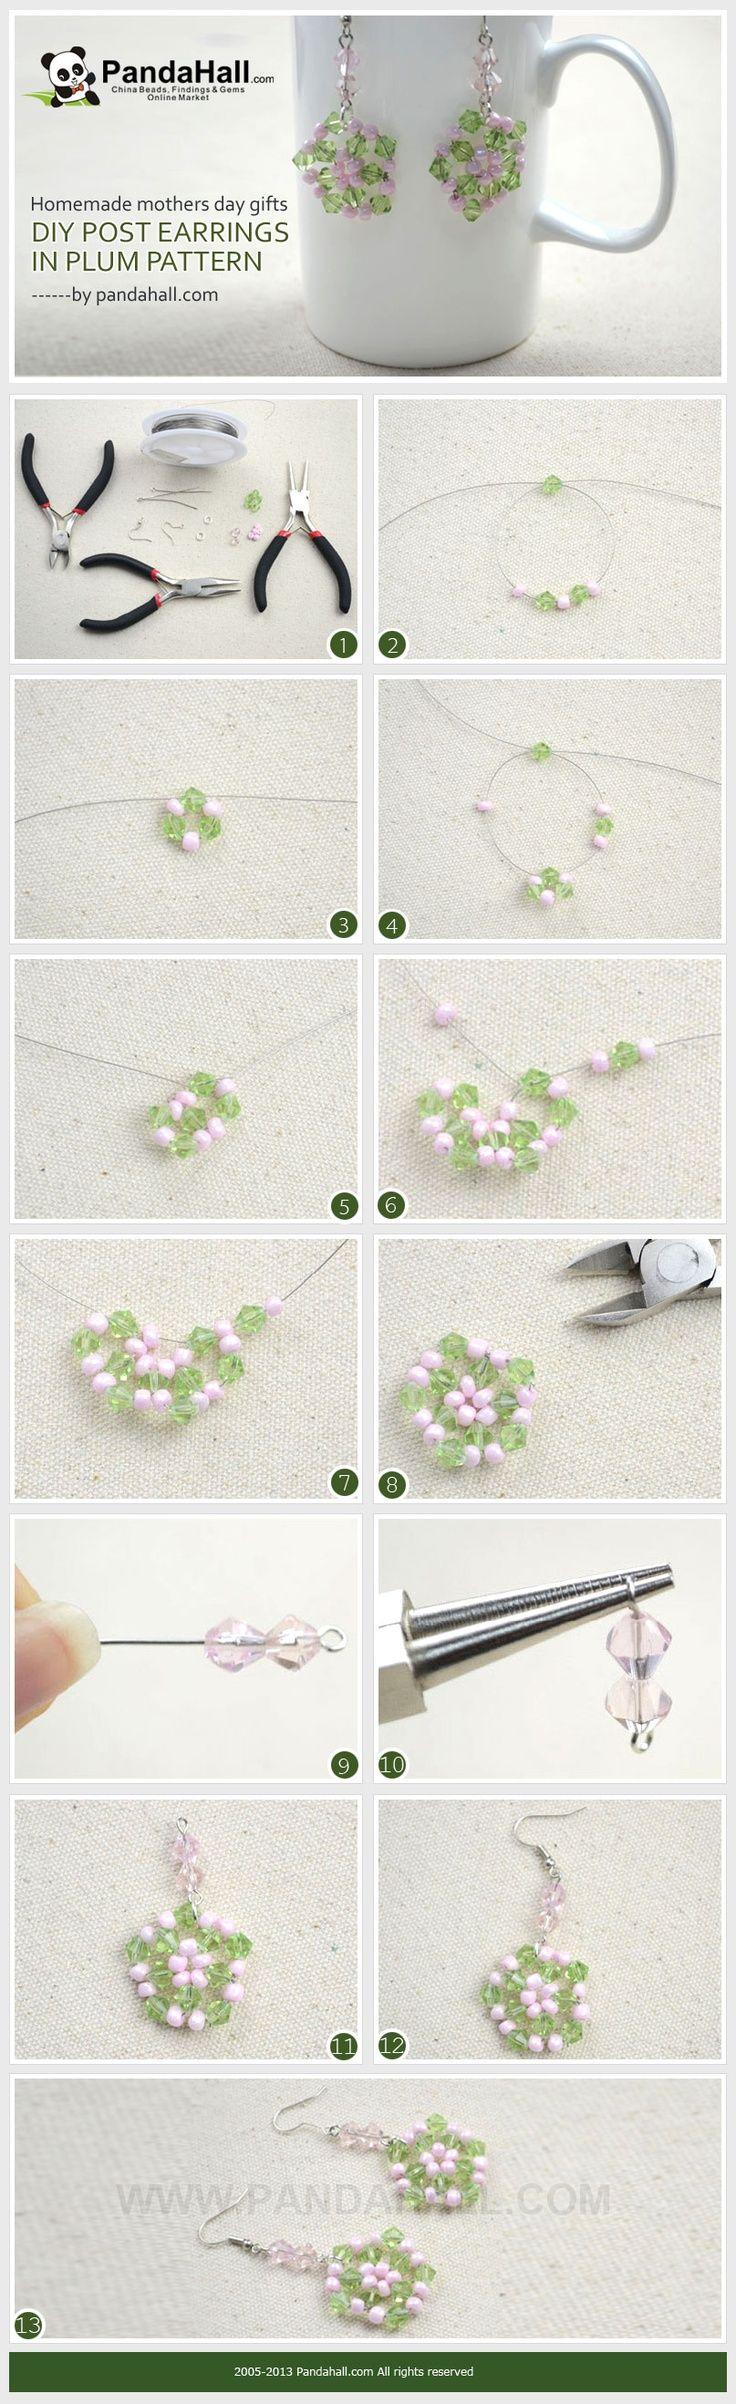 Coucou les filles, Vous voulez faire un atelier DIY ce week-end pour créez des bijoux avec votre fille ou vos copines ? Voici quelques tutos géniaux par PandaHall pour créer...